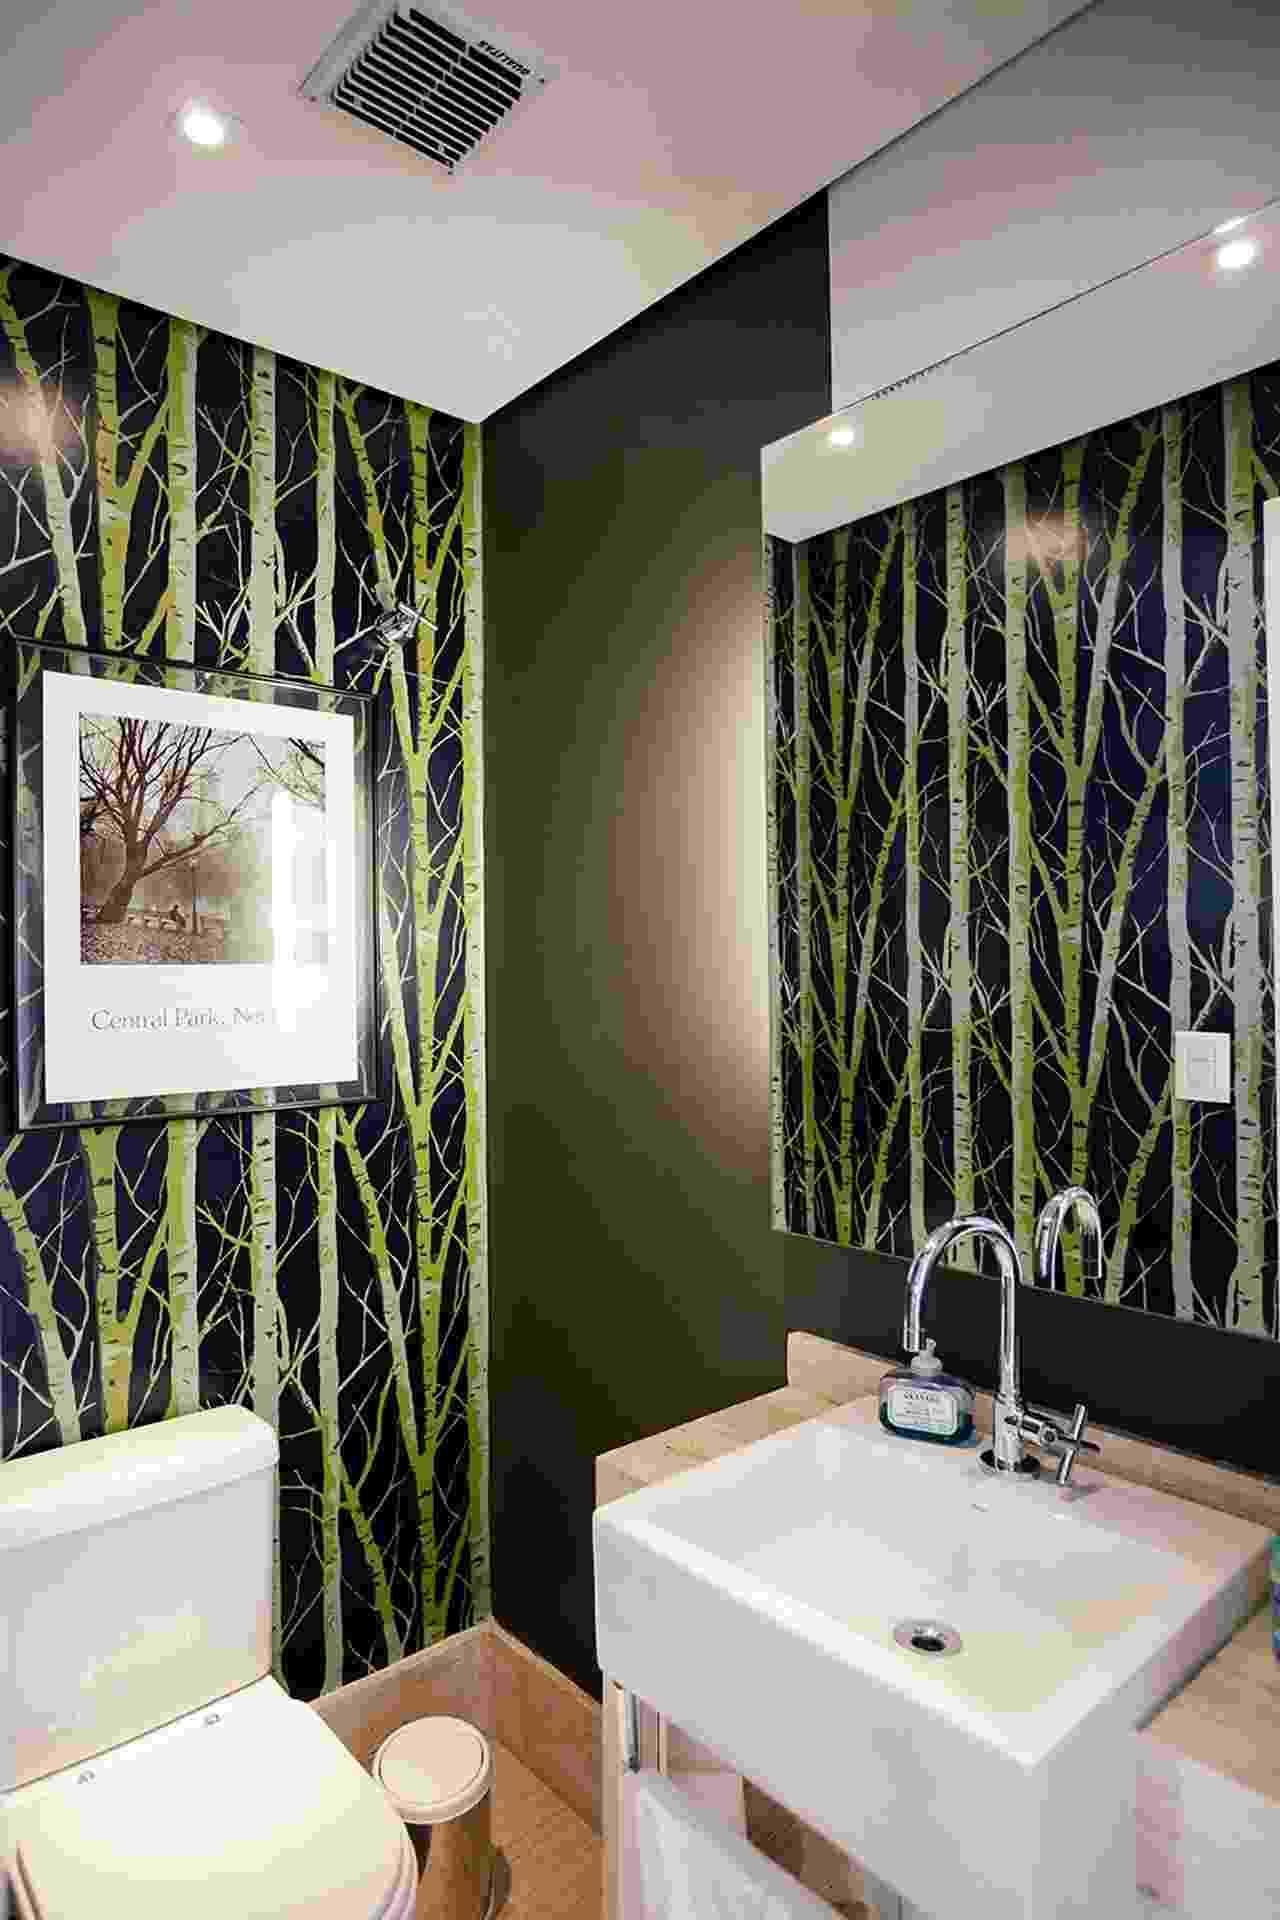 """A decoração ousada deste lavabo, projetado pela arquiteta Flavia Machado, foi ditada pelo revestimento de parte das paredes com o papel chamativo e cheio de informação. Como o ambiente é de curta permanência, o recurso funciona perfeitamente e não cansa. A padronagem ainda cria um """"quadro"""" ao ser refletida pelo espelho, instalado estrategicamente em uma parede neutra e """"chapada"""" - Divulgação"""